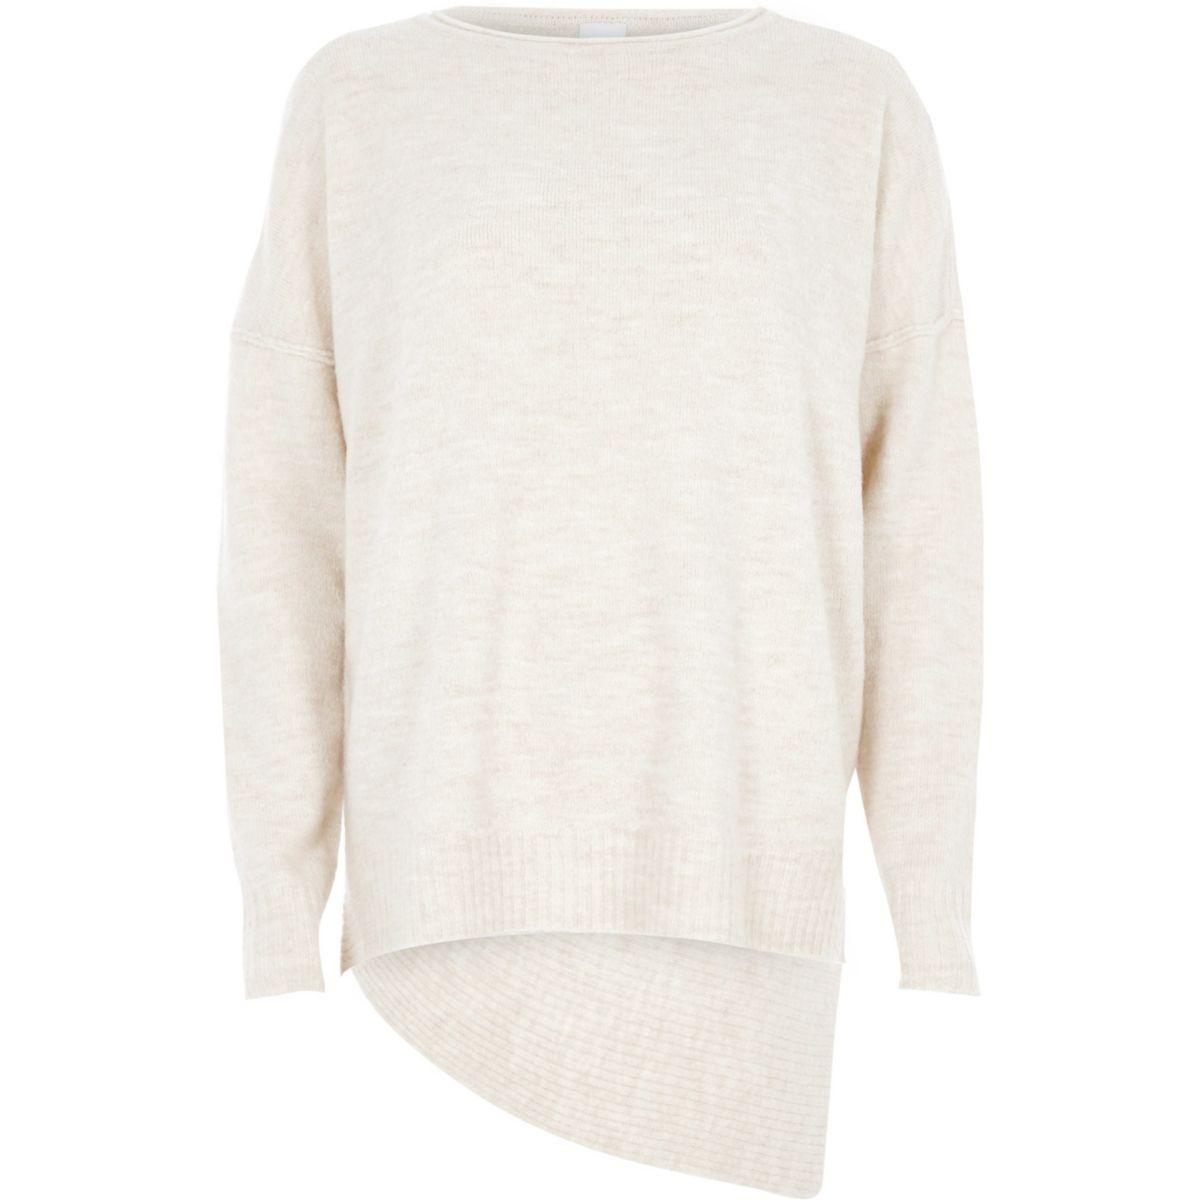 Asymmetrischer Pullover in Beige